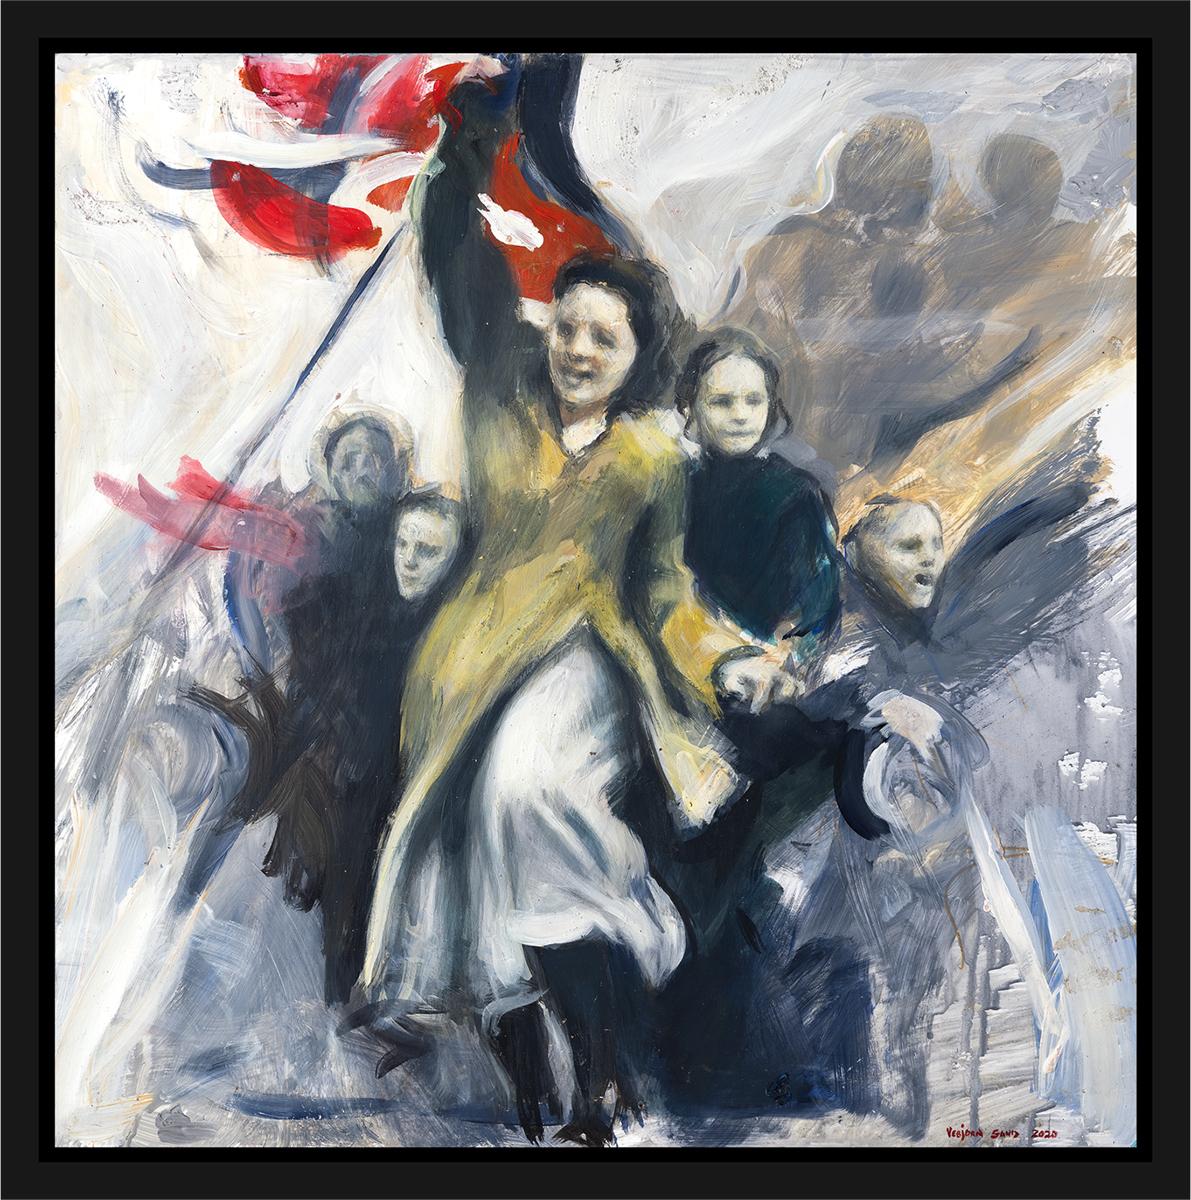 Nordmenn feirer på 8. mai 1945, frigjøringen på slutten av andre verdenskrig. Akryl på plate, maleri av Vebjørn Sand.